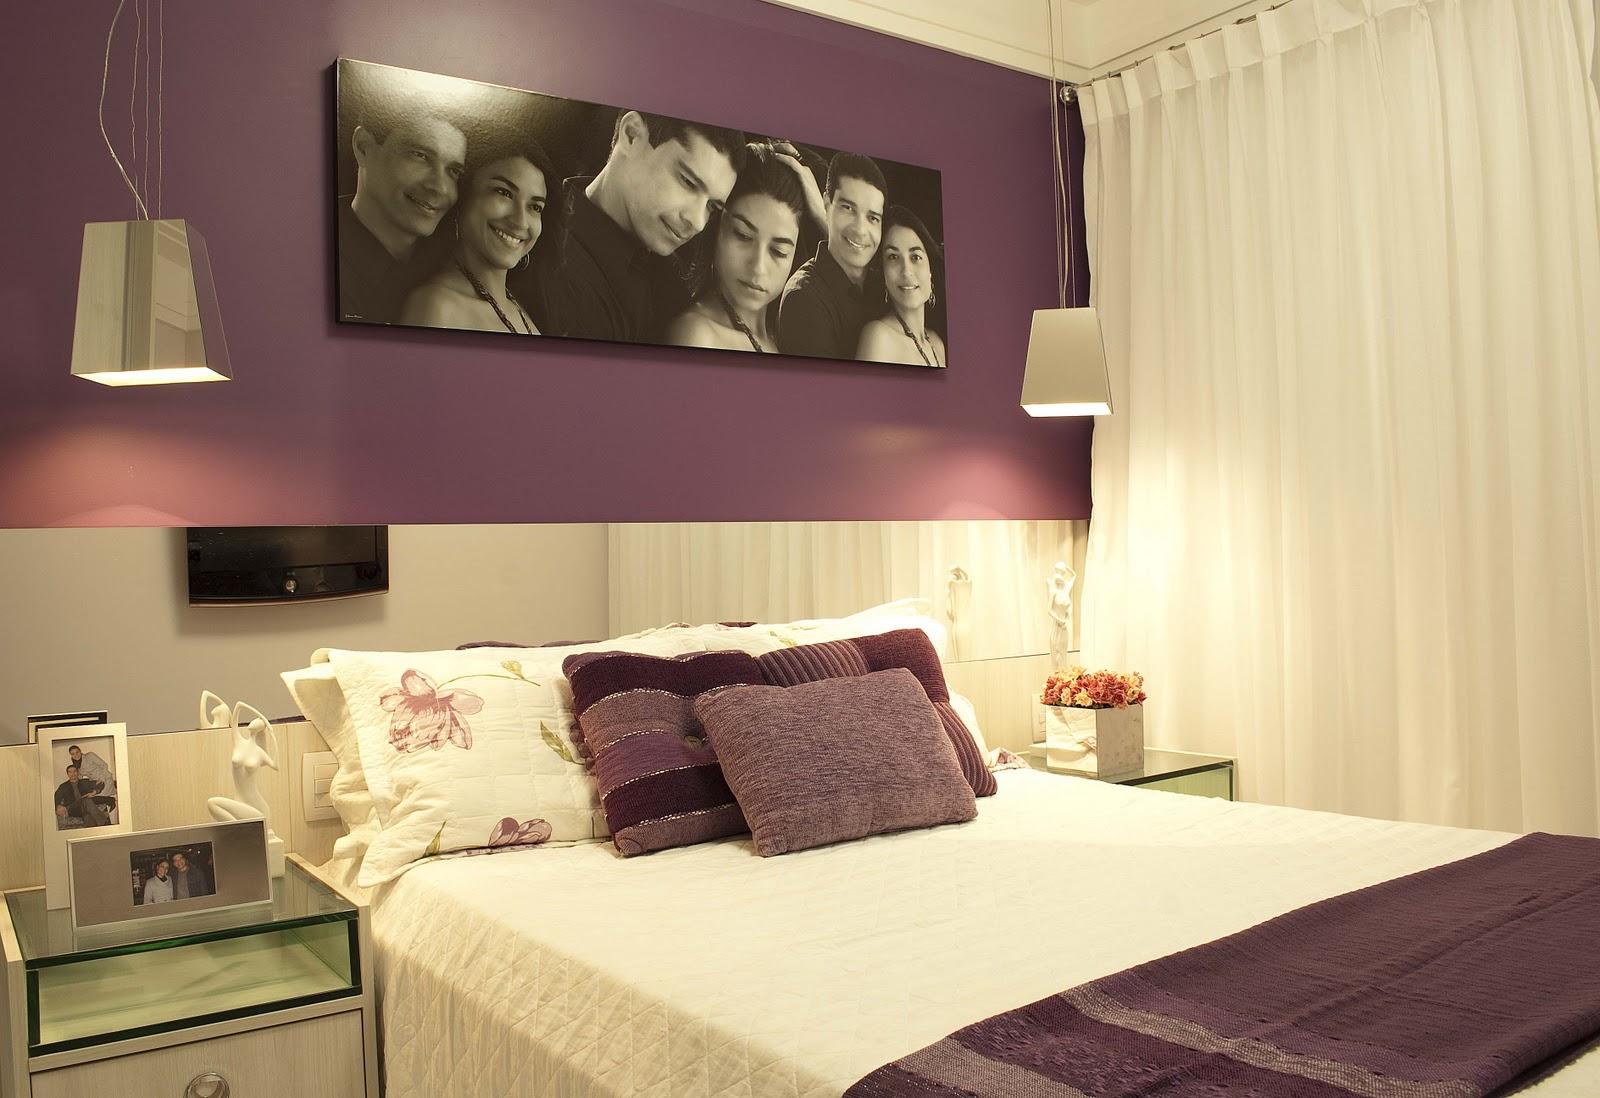 #A68825 Inspirações para quartos de casal Realizando um Sonho Casamento  1600x1098 px Banheiros Decorados Lilas 1007